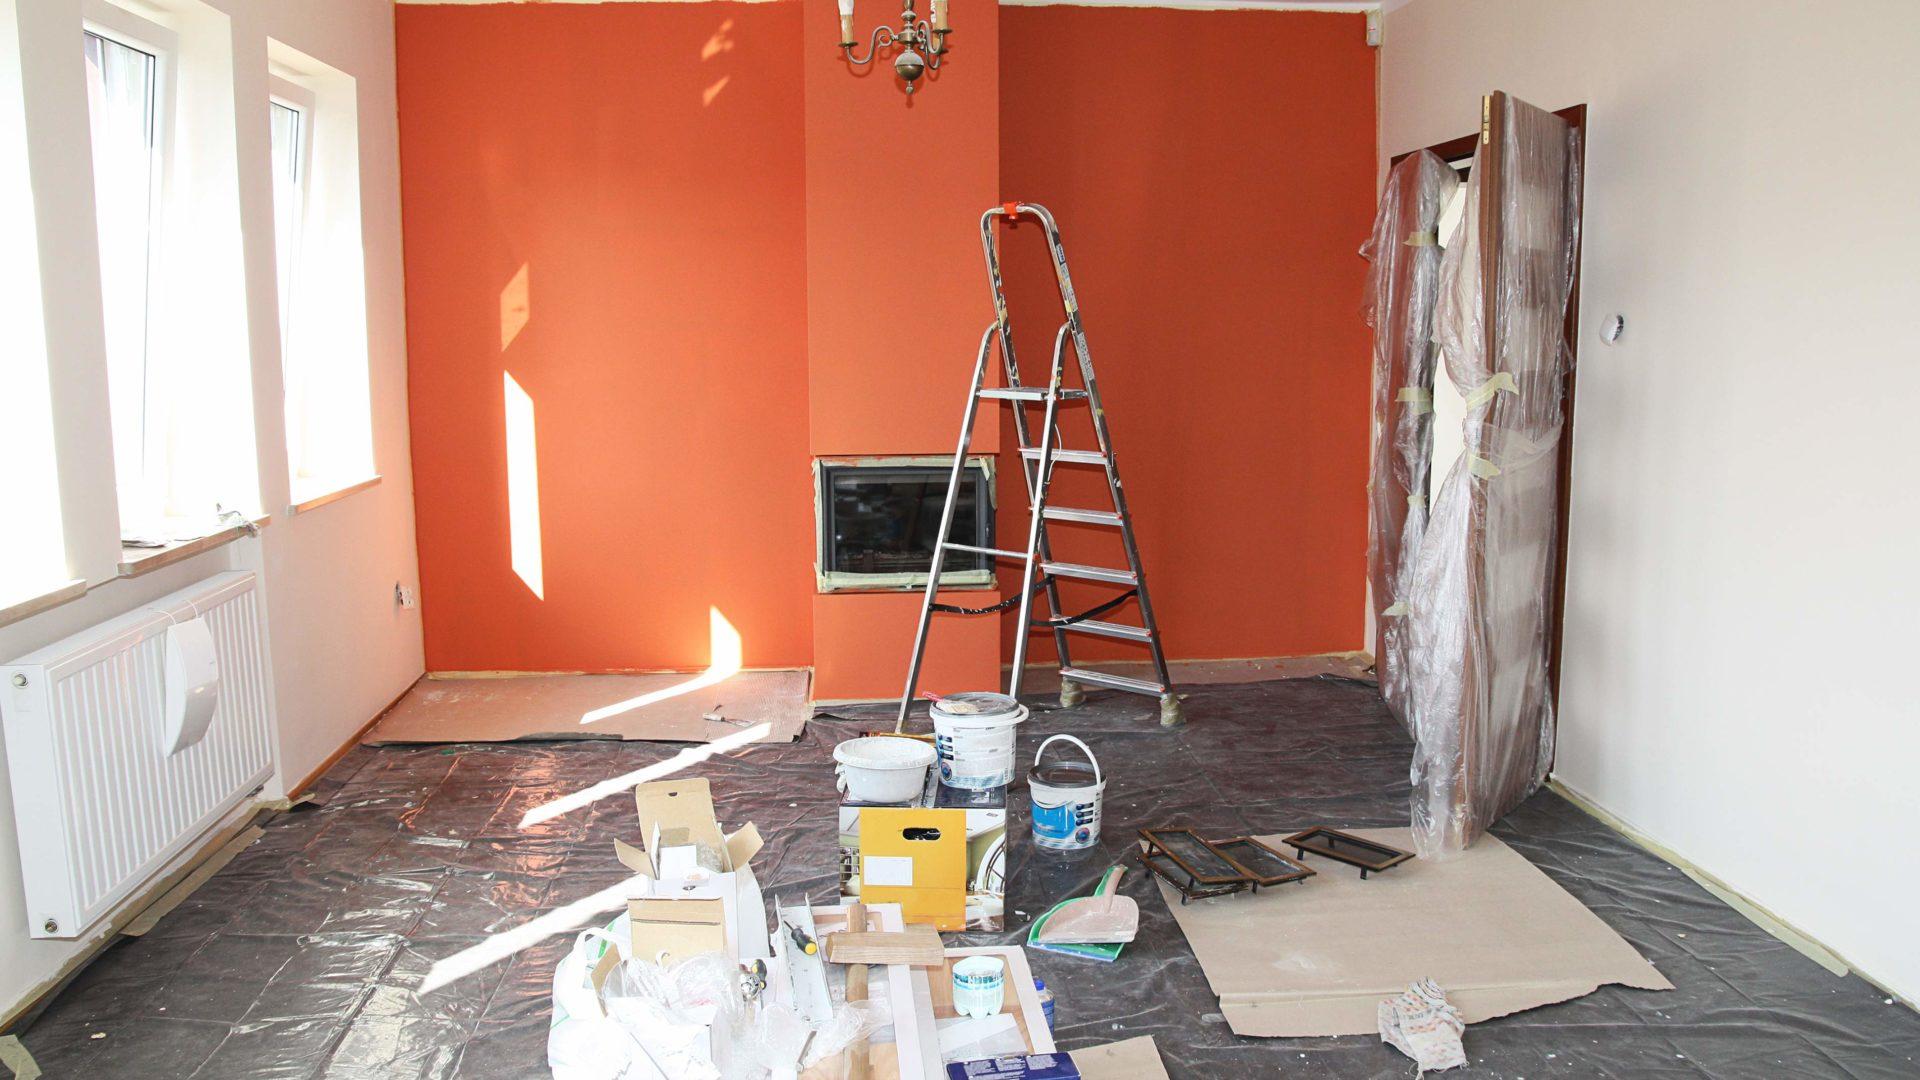 Косметический ремонт в квартире полная инструкция: делаем по этапно косметический ремонт квартиры